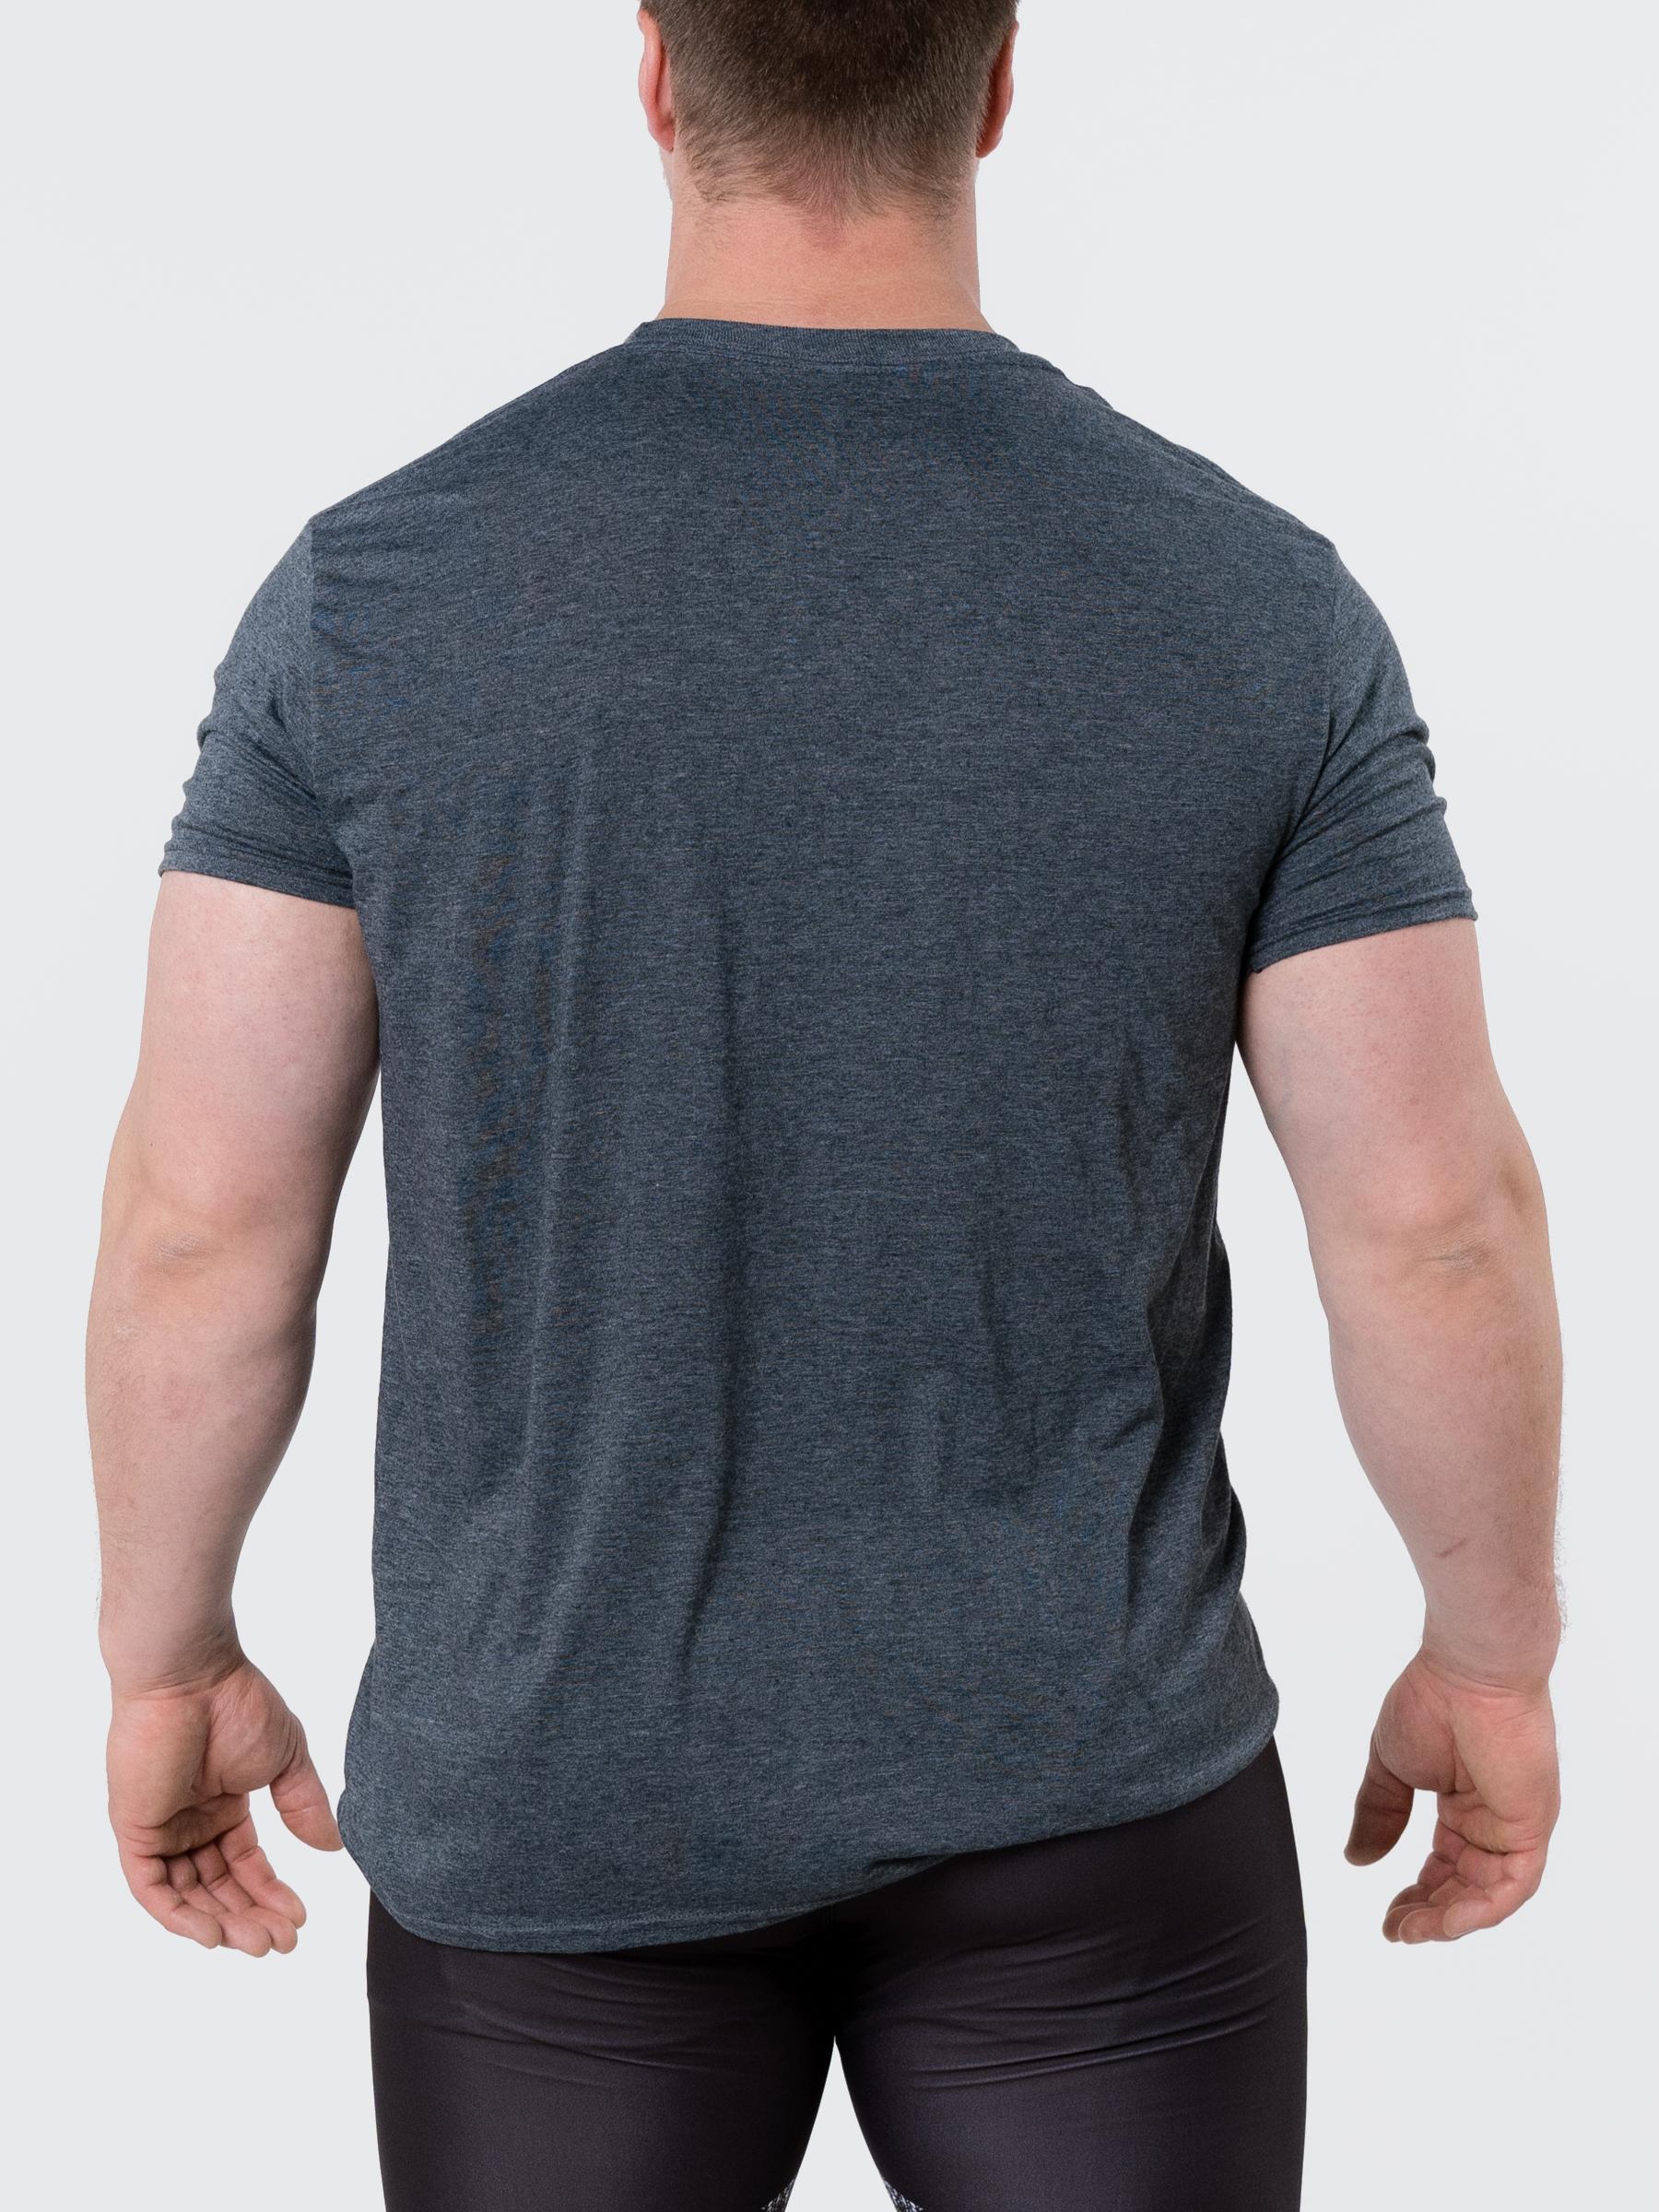 Mormor T-shirt Herr